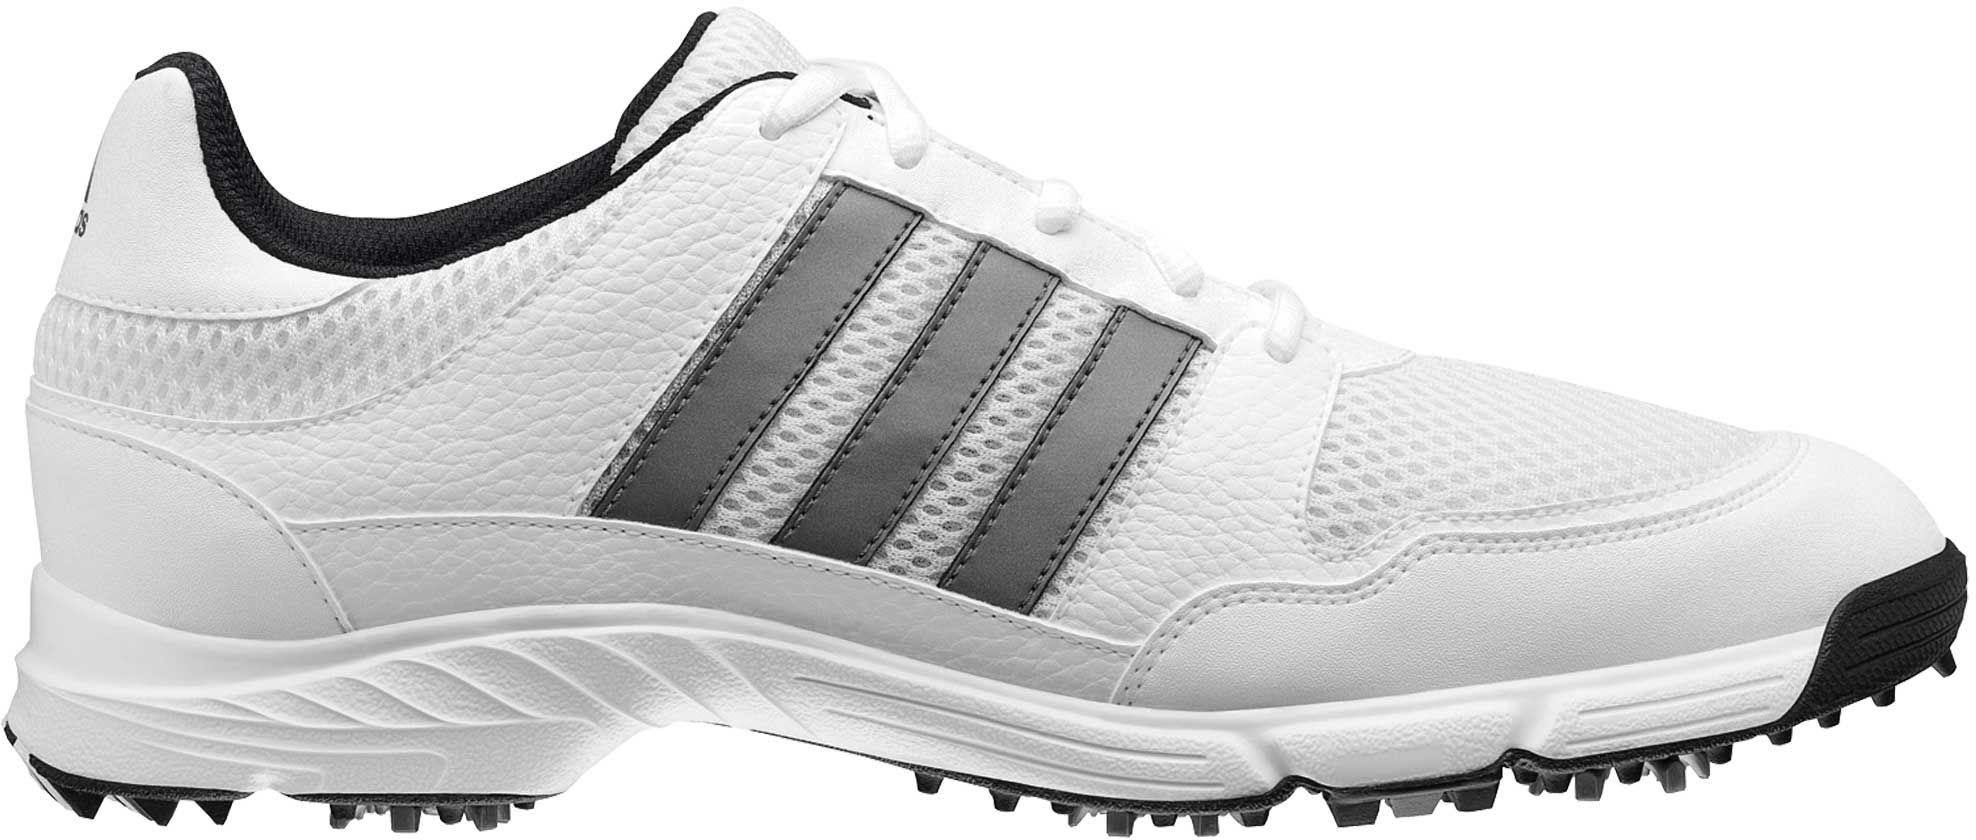 Adidas Tech Response 4 0 Golf Shoes Previous Season Style